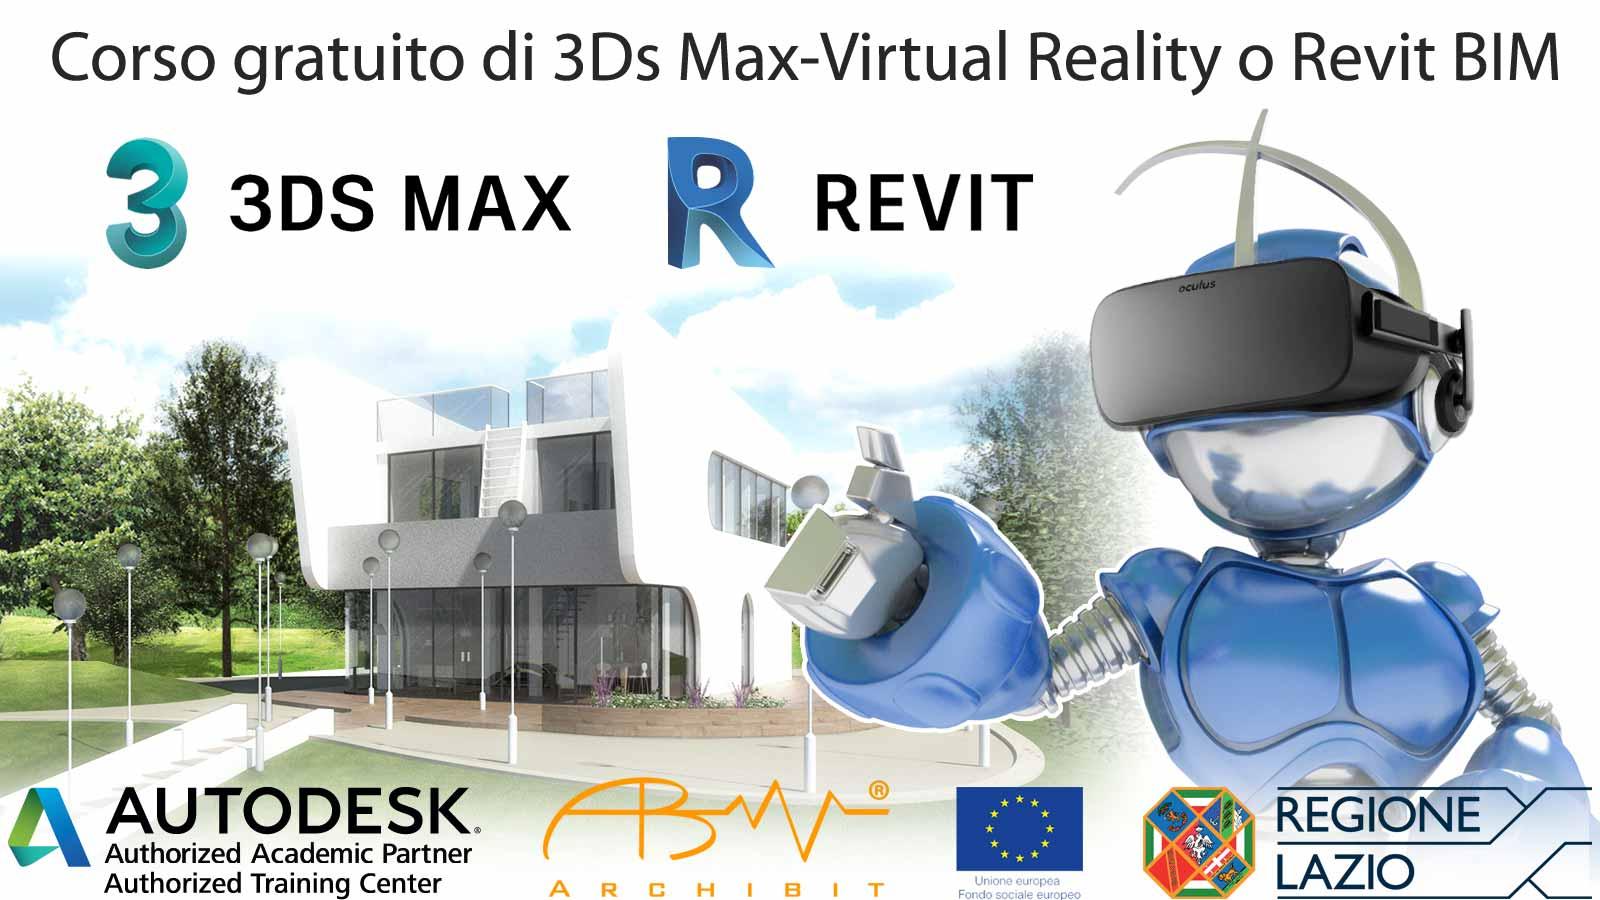 corsi gratuiti ADA finanziati comunita europea fse regione lazio archibit centro corsi finanziati autodesk bim 3d roma